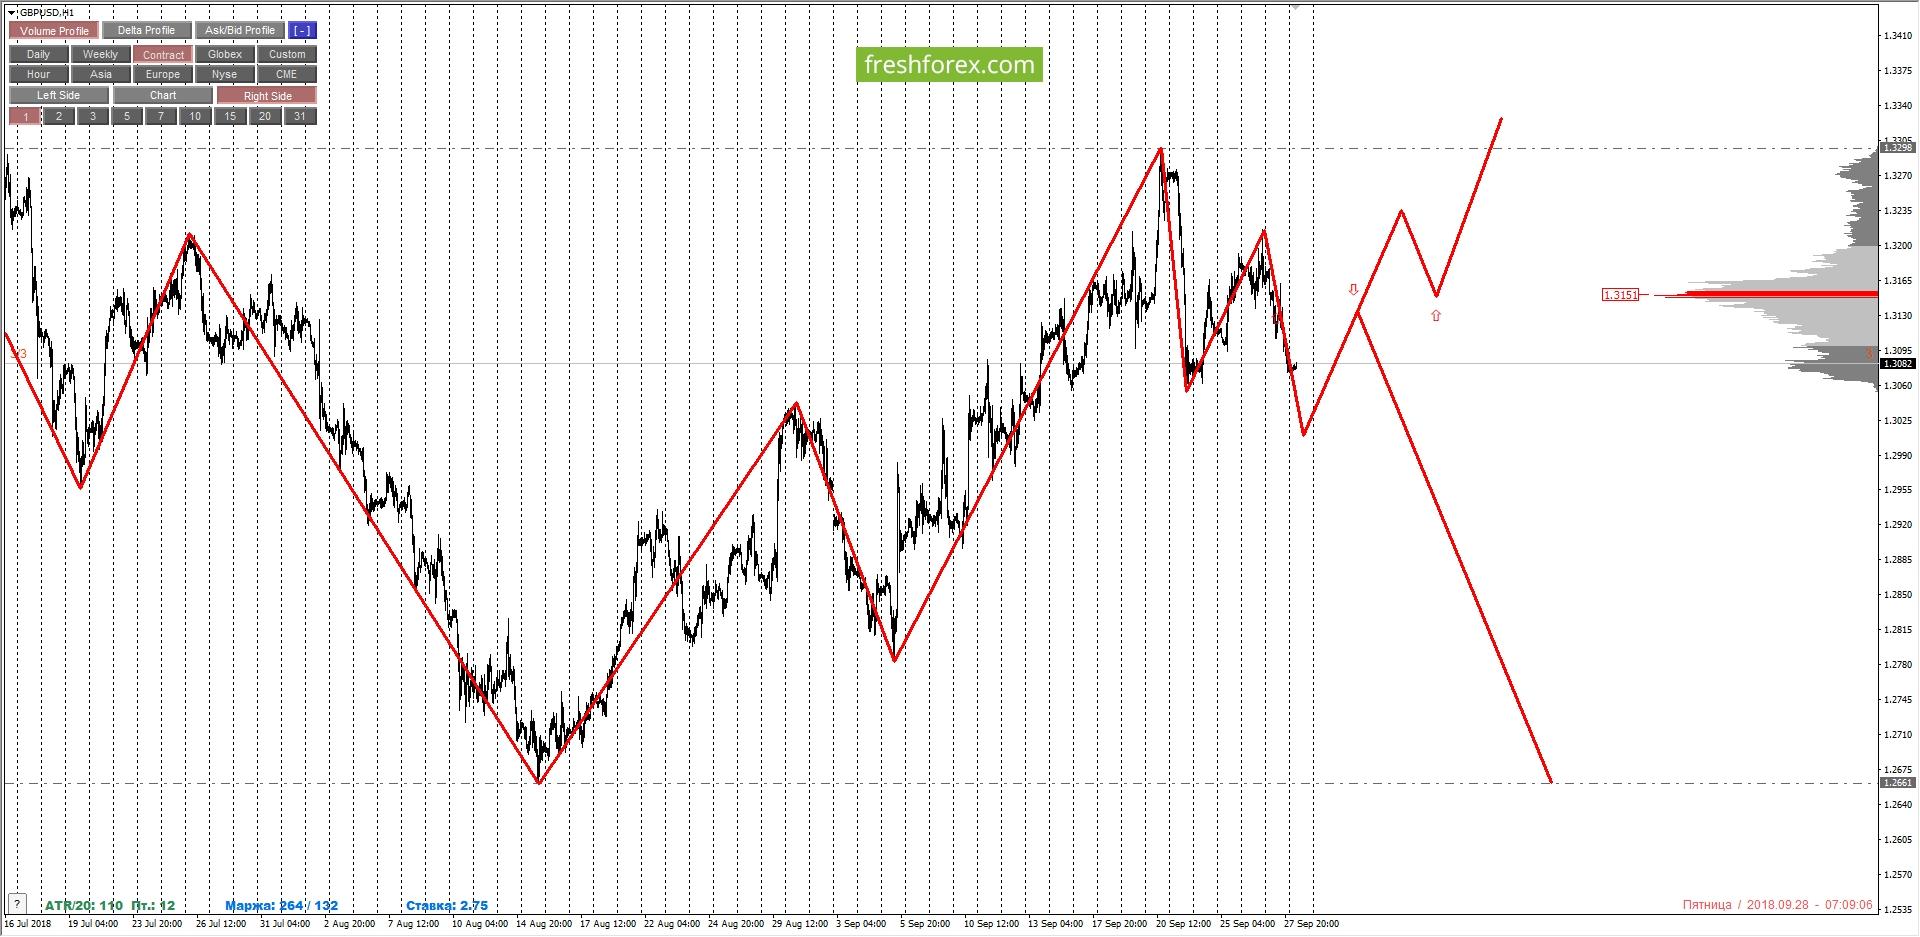 GBPUSD: удержание ранее открытых продаж, усиление из диапазона выгодных цен, при формировании паттерна